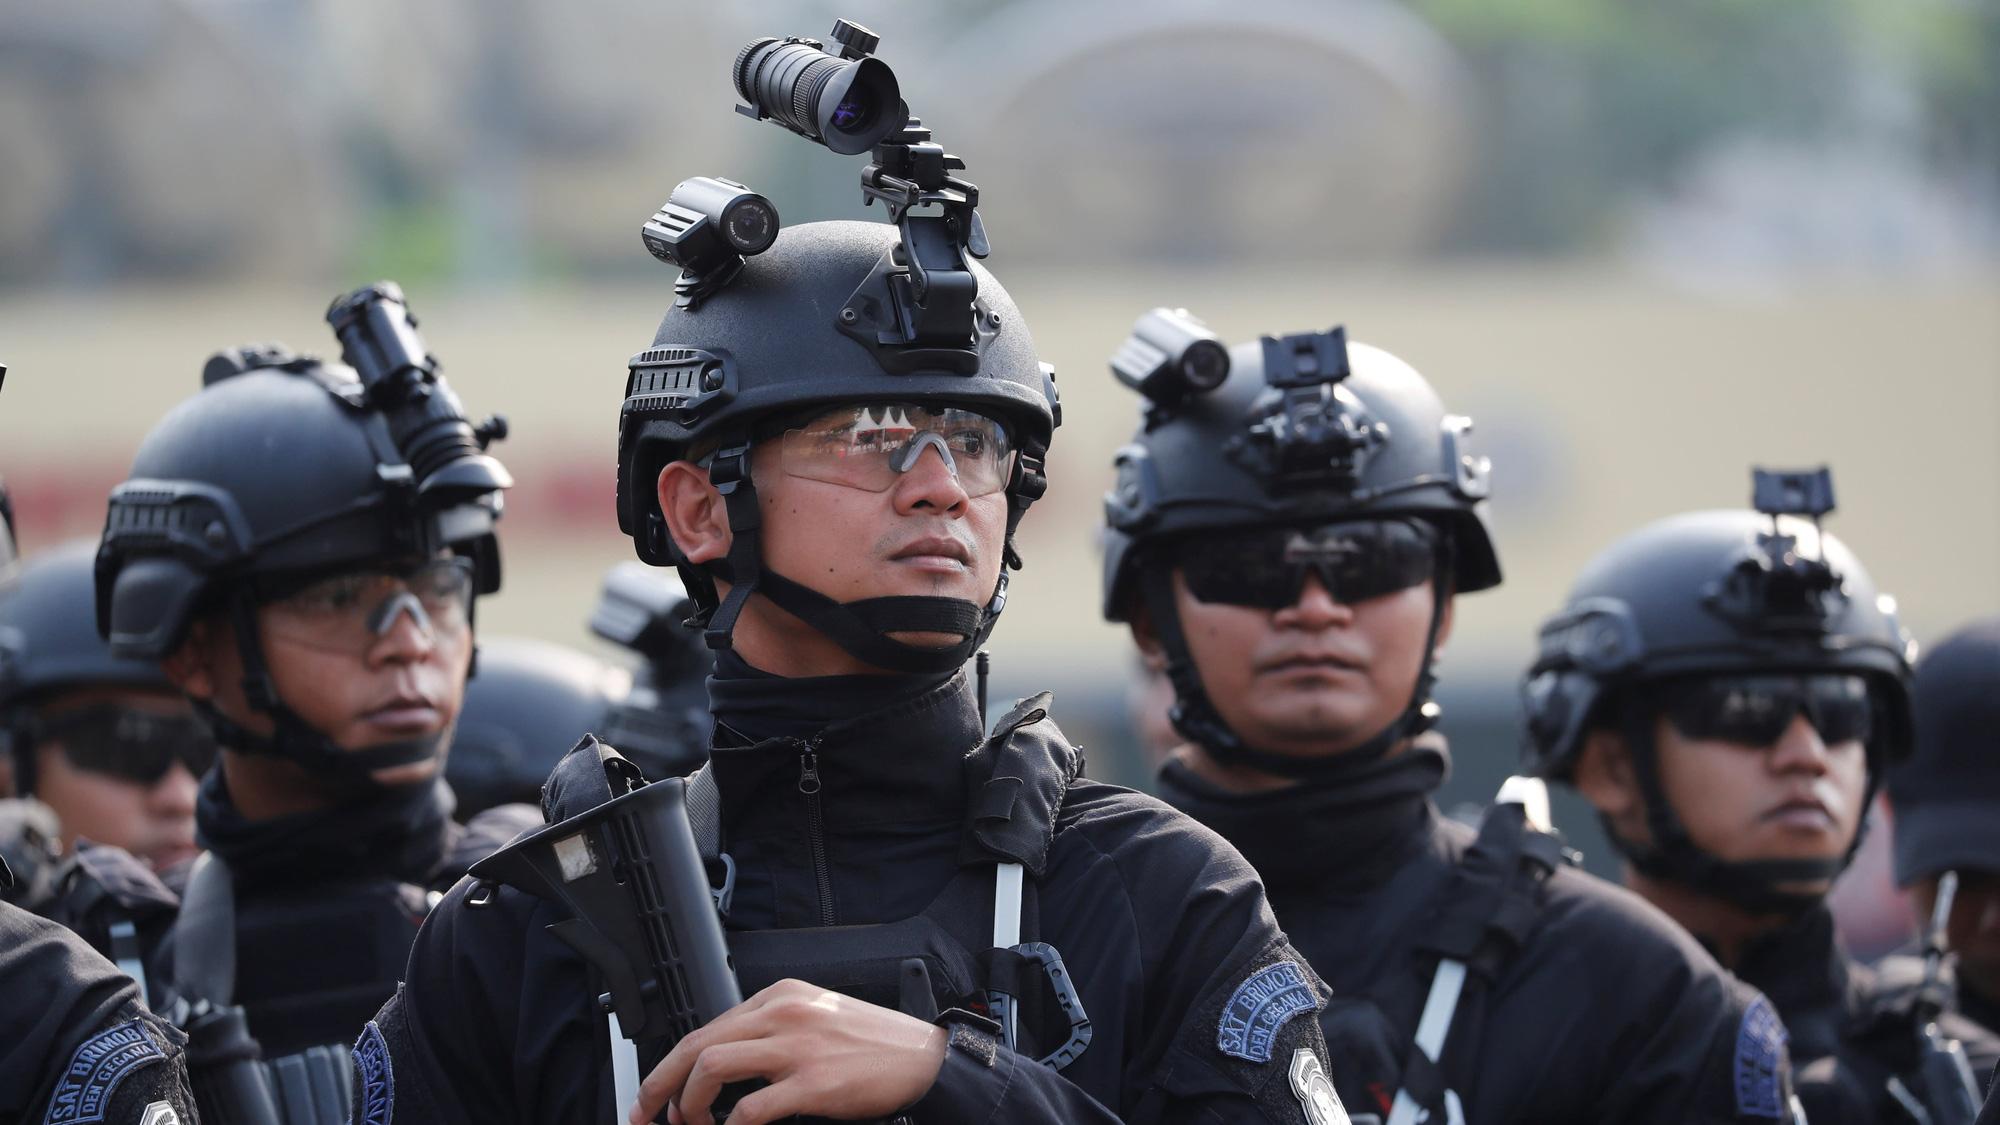 Tác động vô hình của Taliban tại Đông Nam Á: Khó lường, nguy hiểm - Một nước chuẩn bị cho tình huống xấu nhất - Ảnh 1.